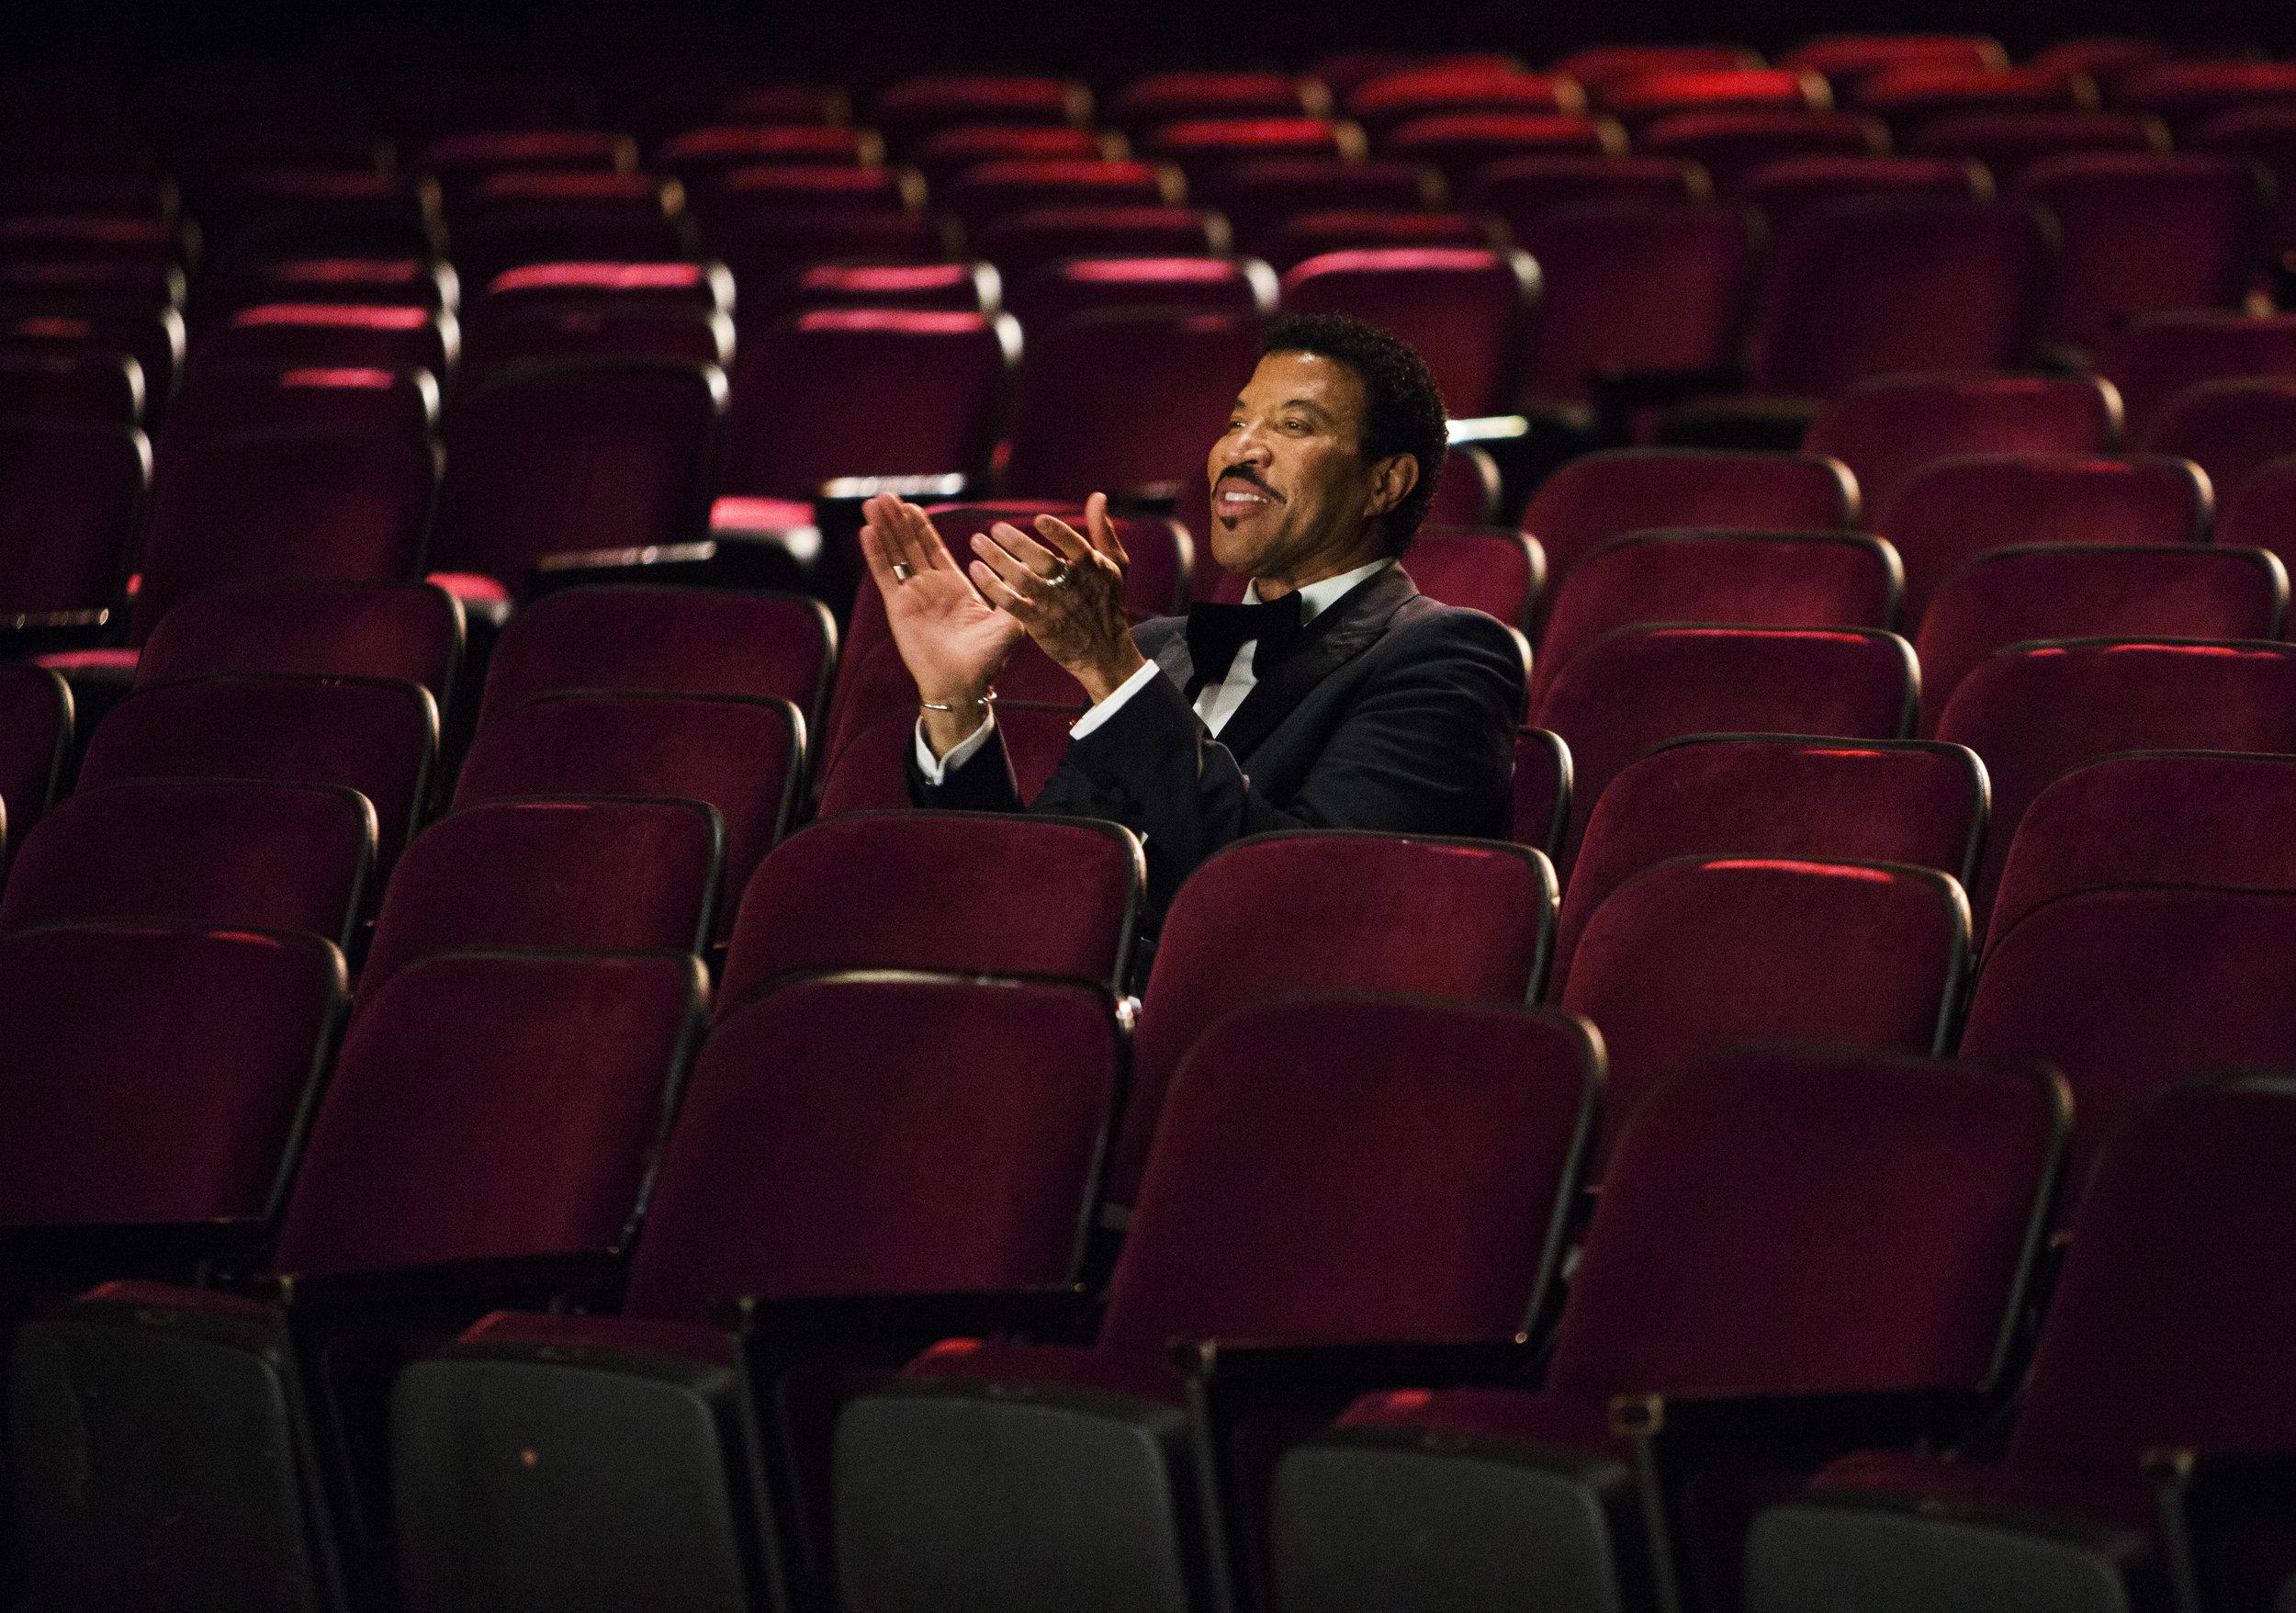 Lionel_Richie_Theatre.jpg